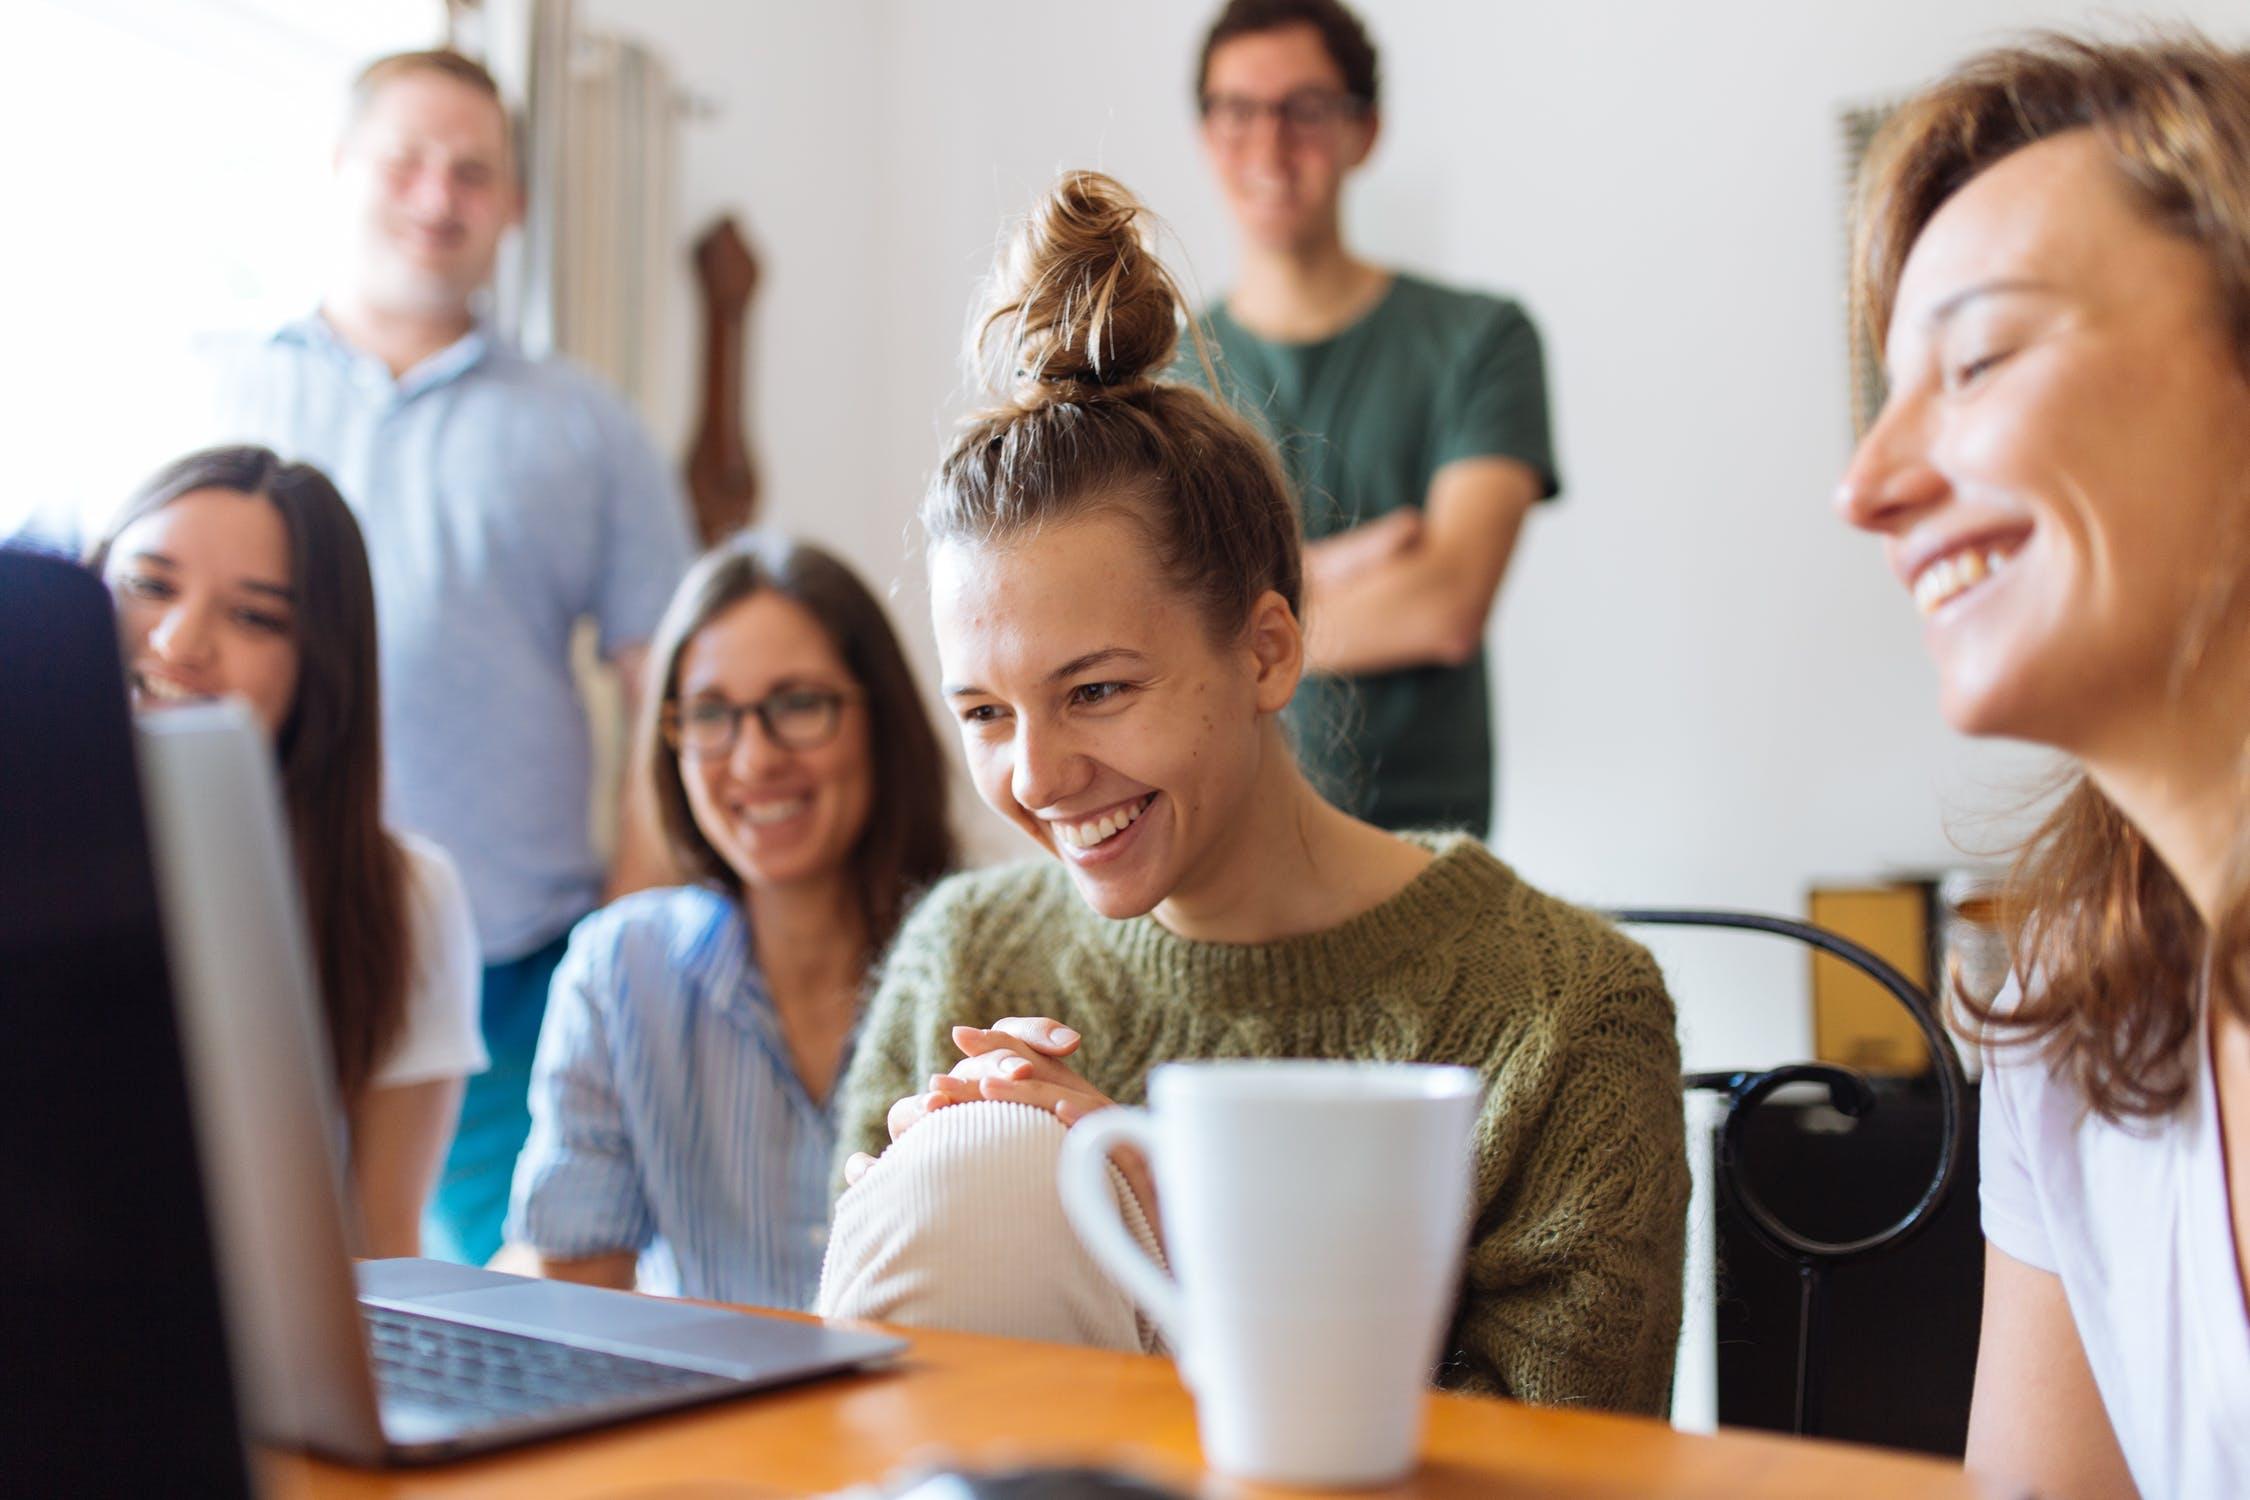 Gruppe af mennesker kigger på computer